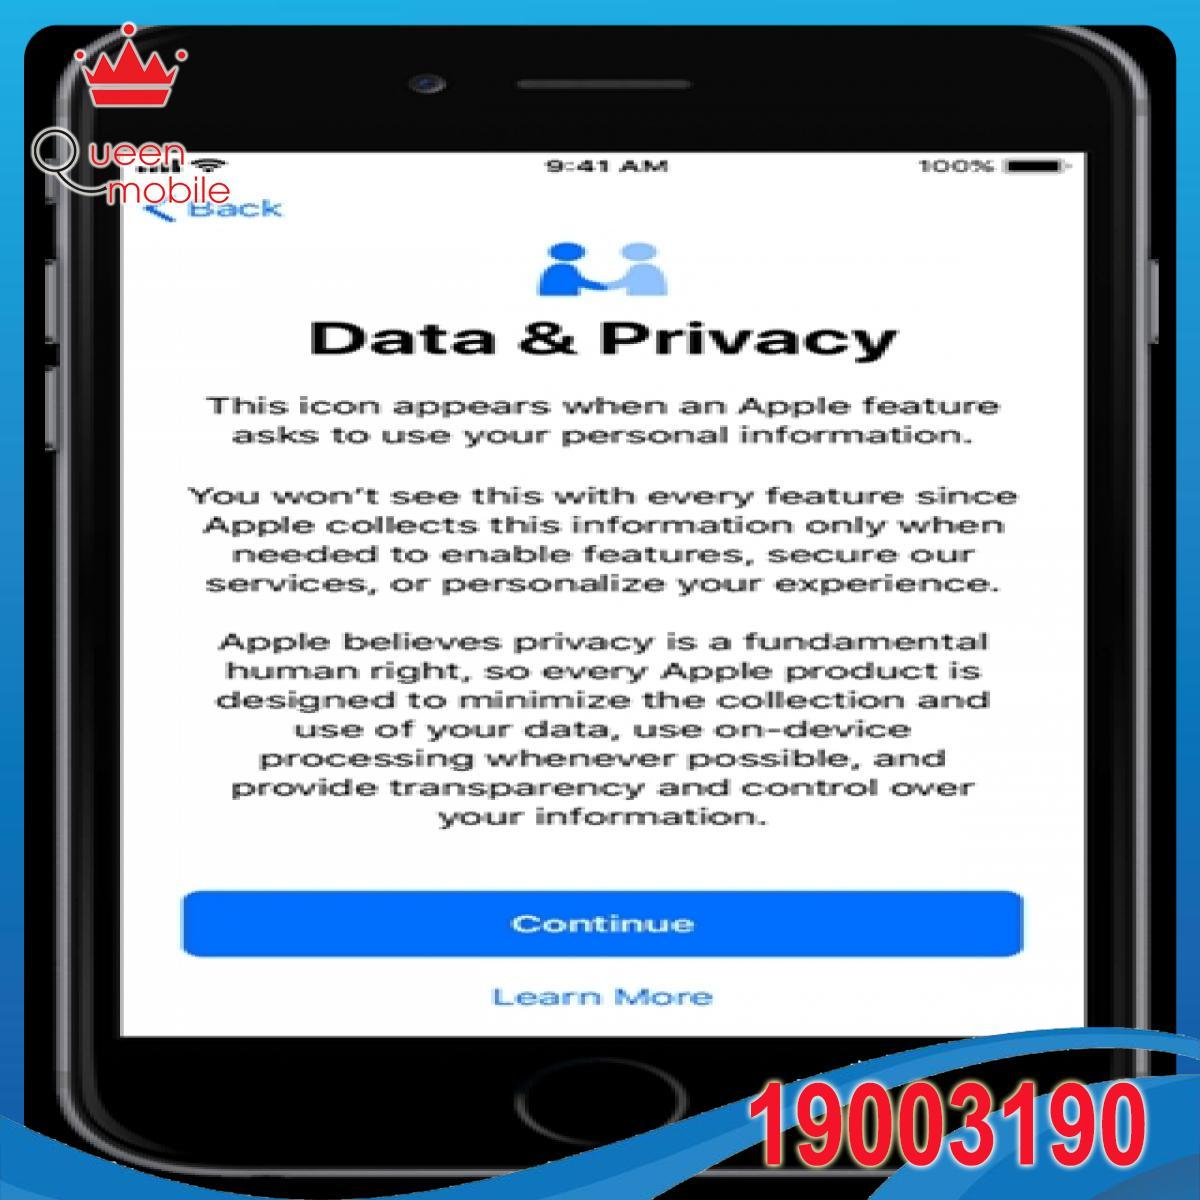 Bạn sẽ sớm có thể tải xuống bản sao dữ liệu ID Apple của mình